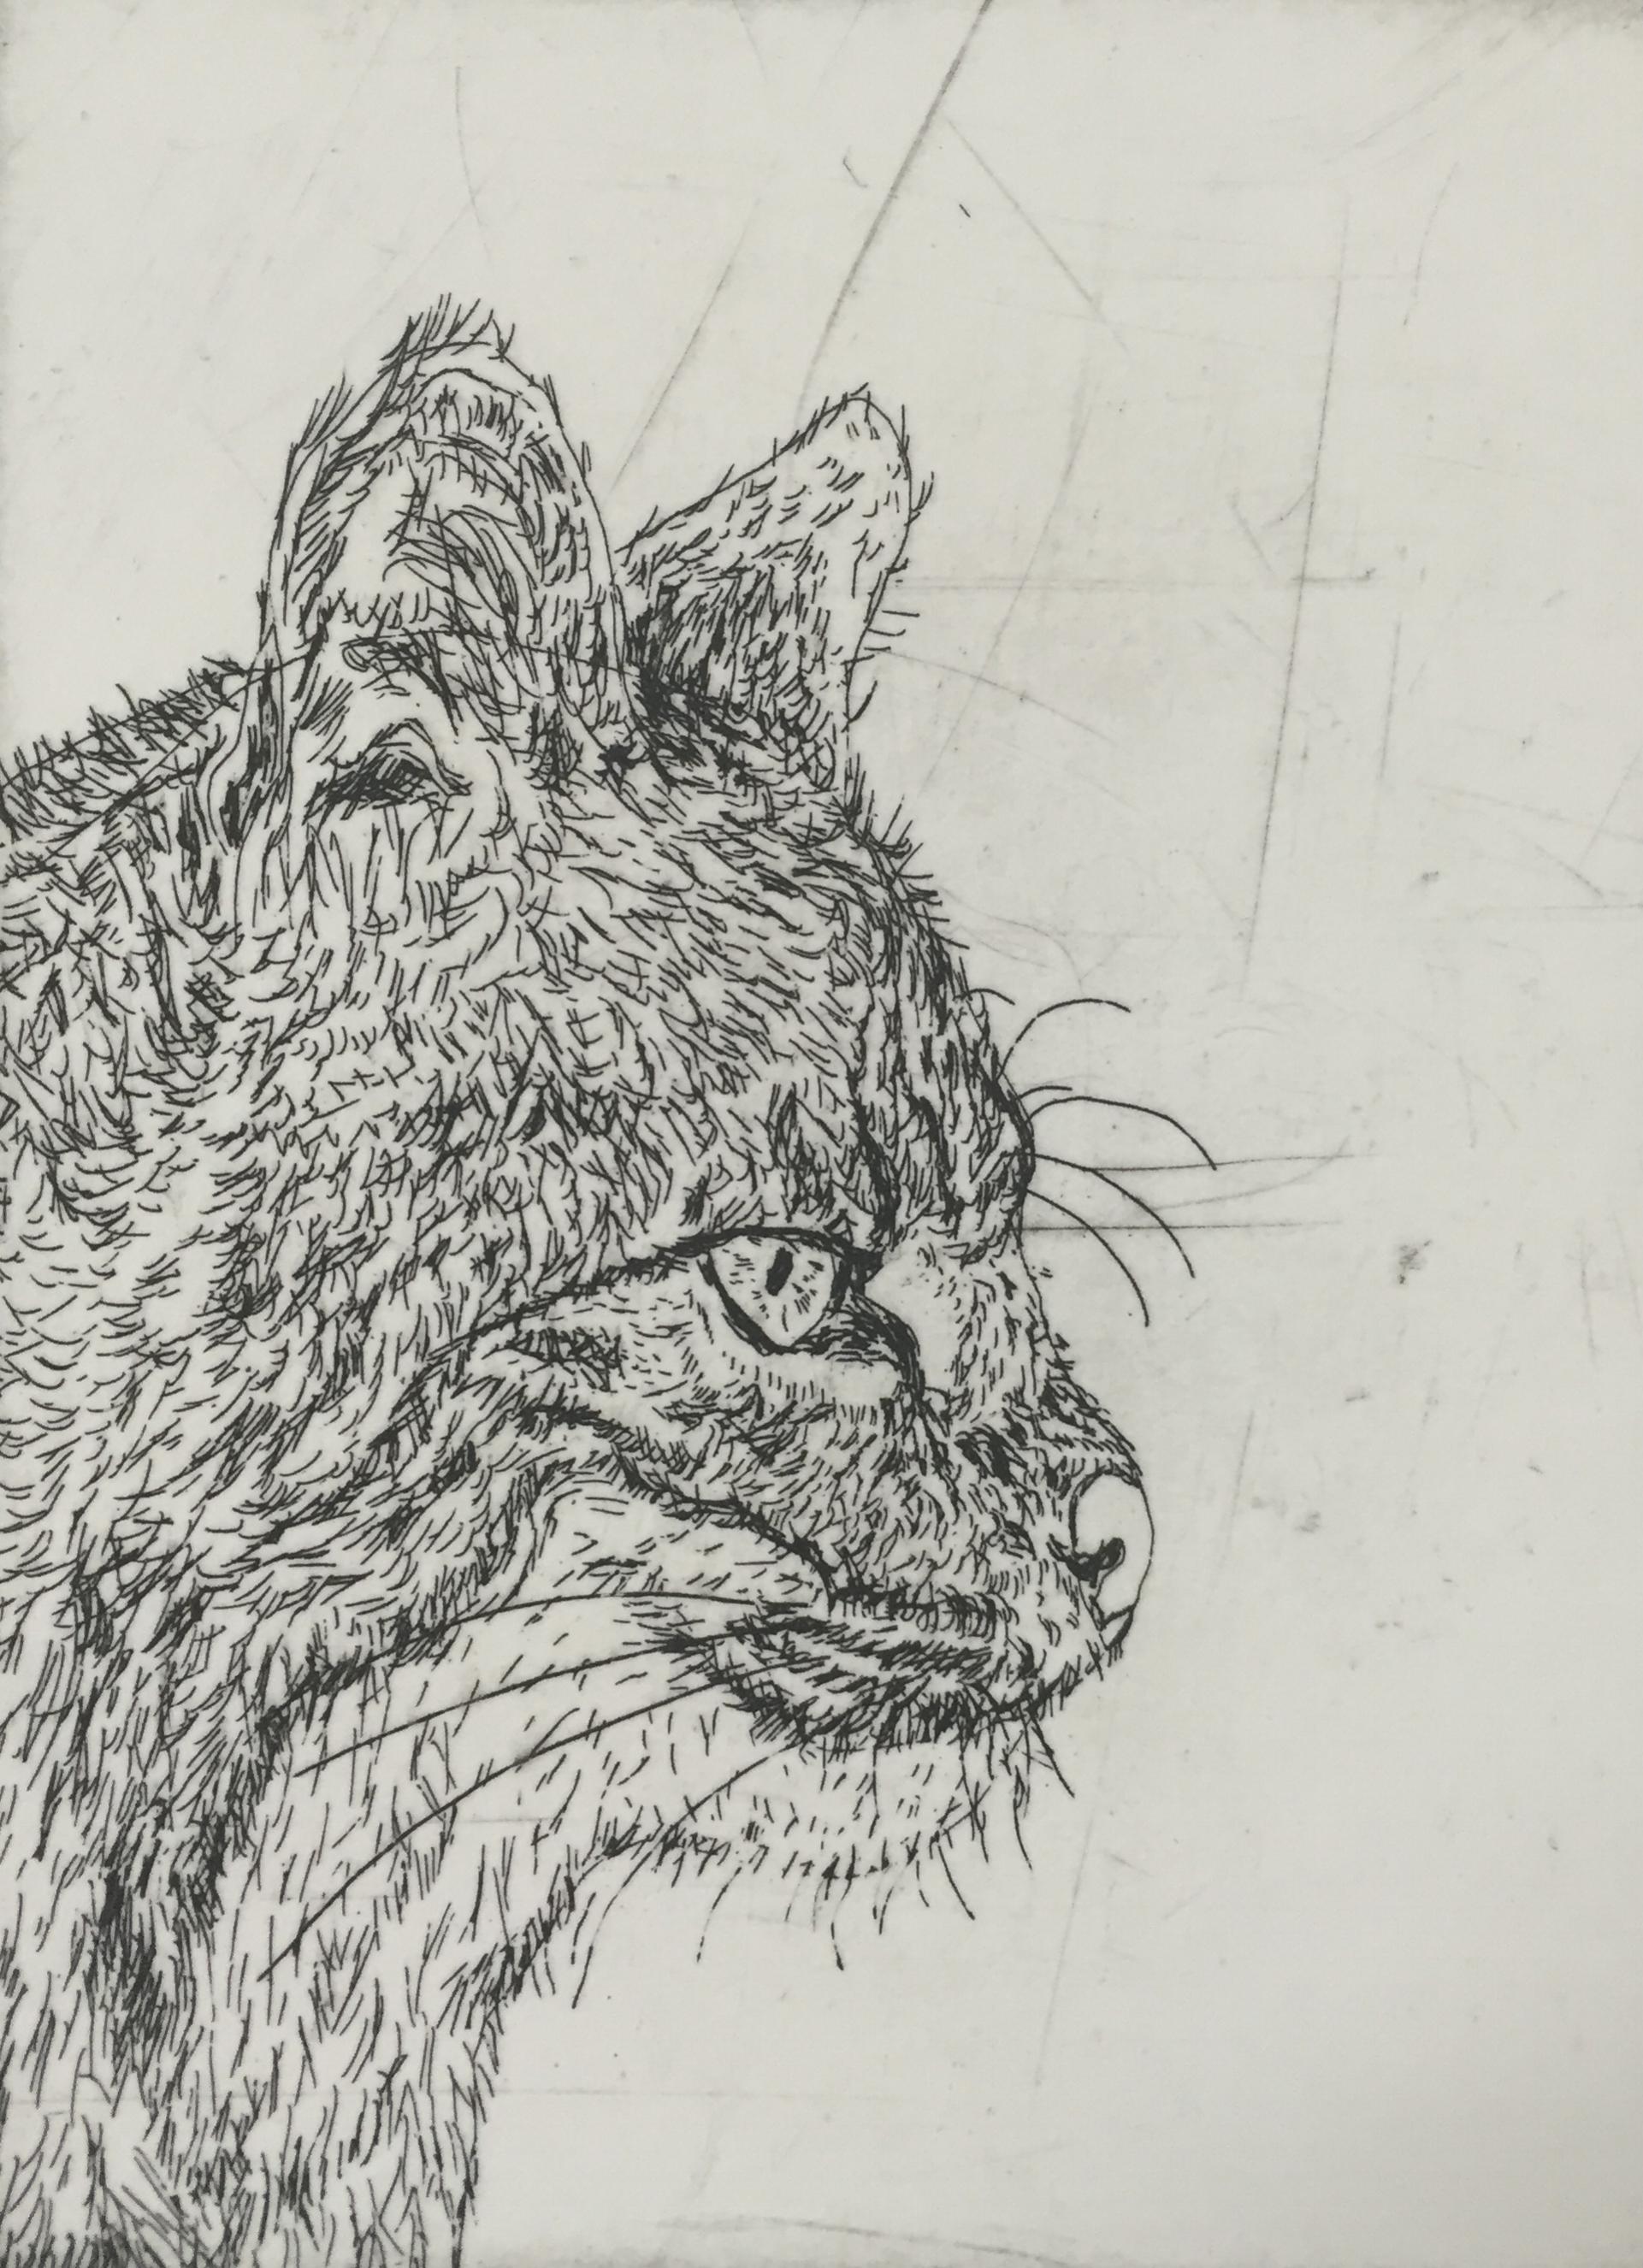 Wildcat in Black